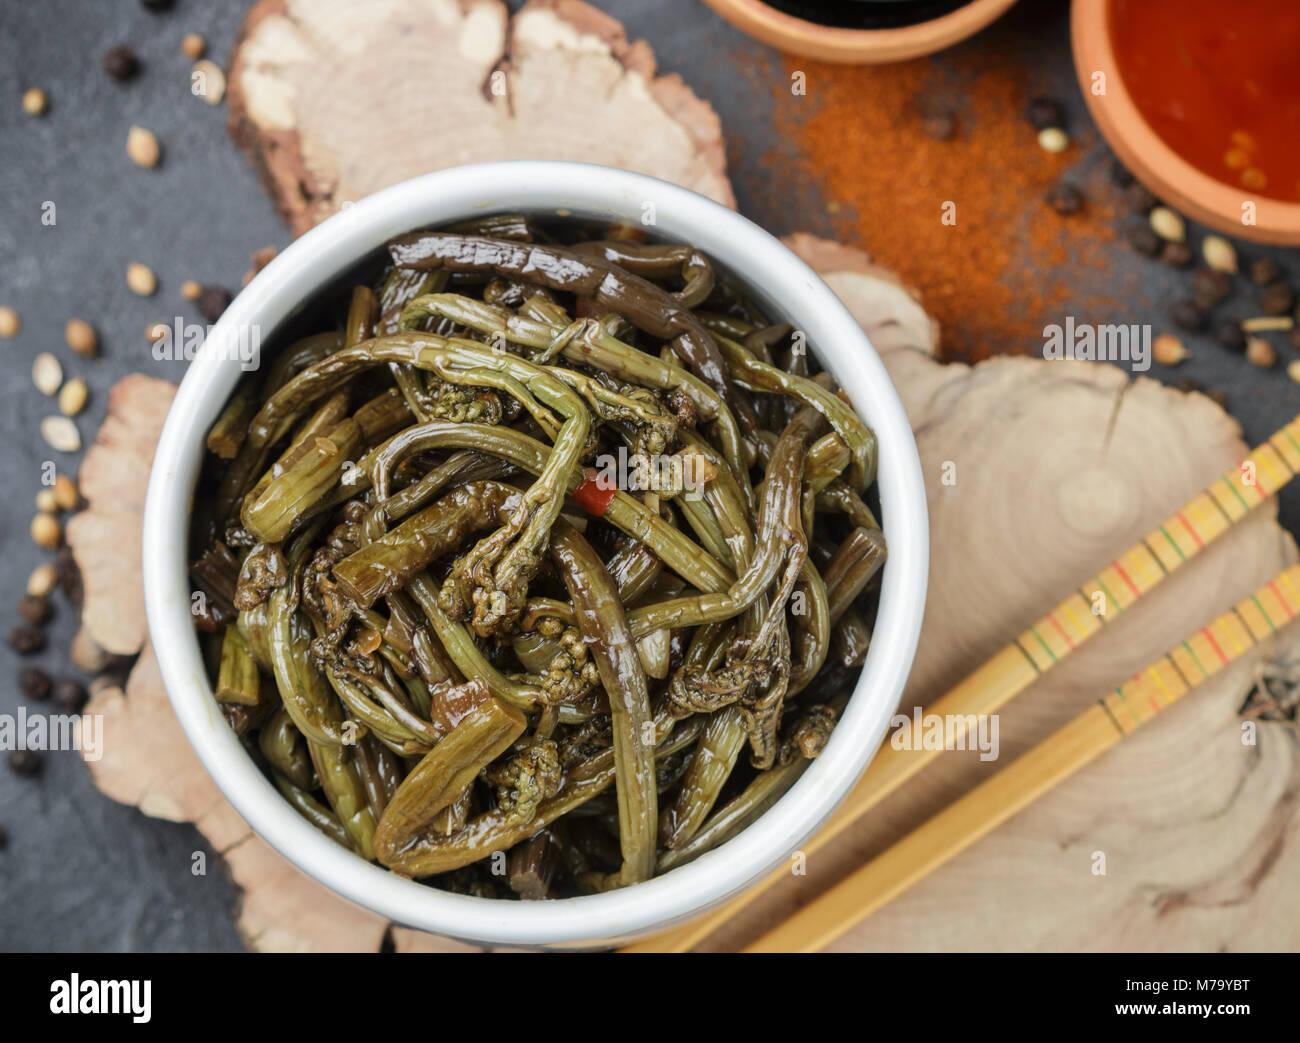 Salade épicée de fougère à l'oignon, l'ail, la sauce soja et les épices. L'est Photo Stock